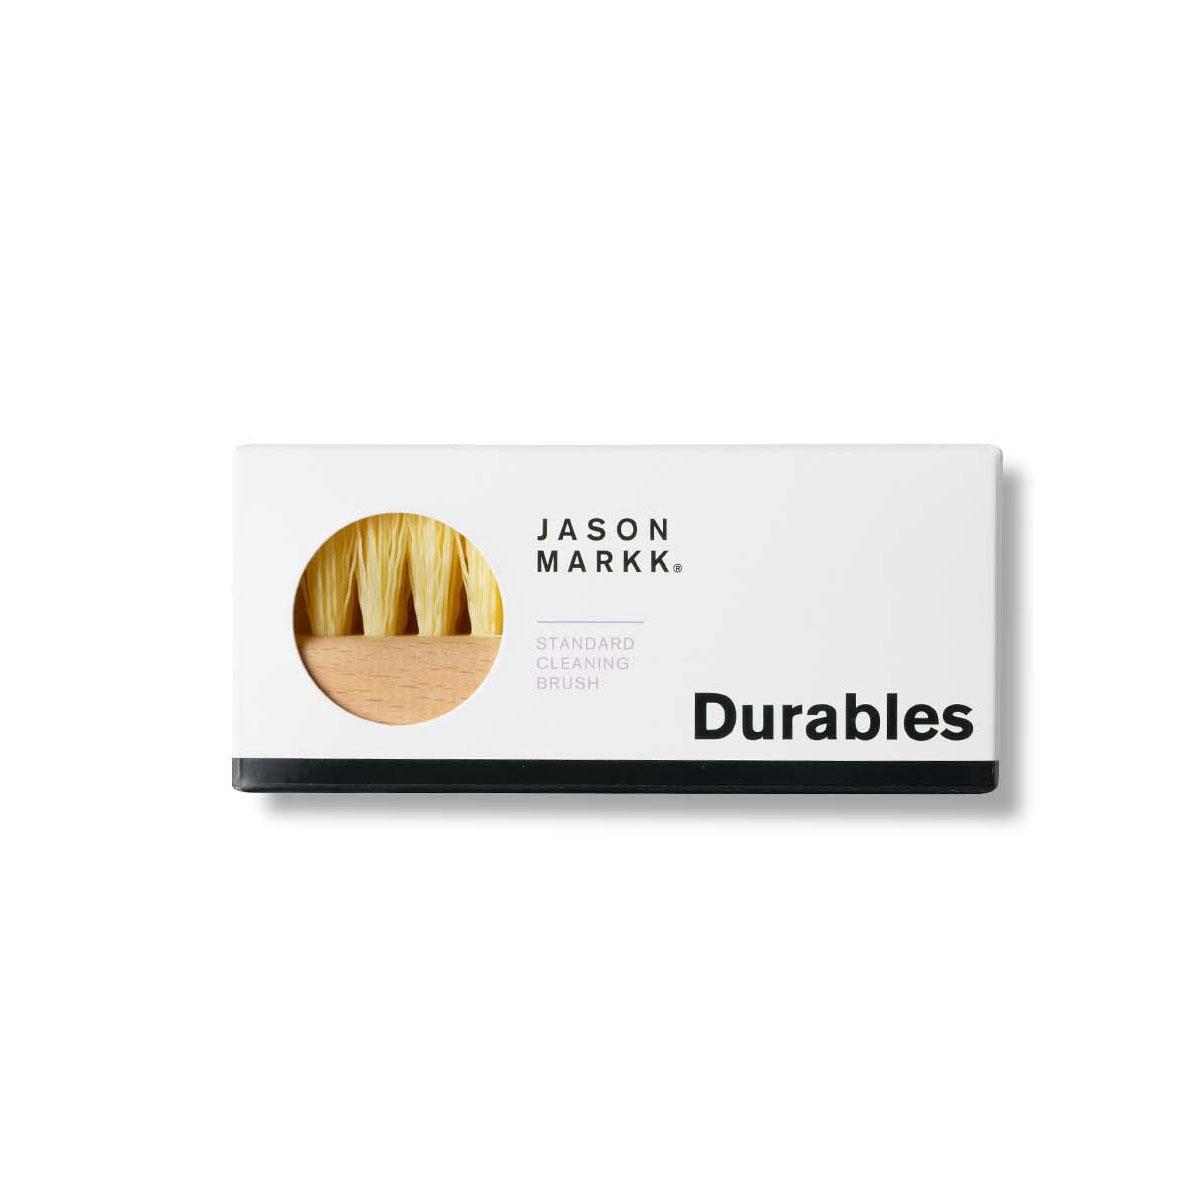 【送料無料】スニーカークリーナー JASON ...の紹介画像2